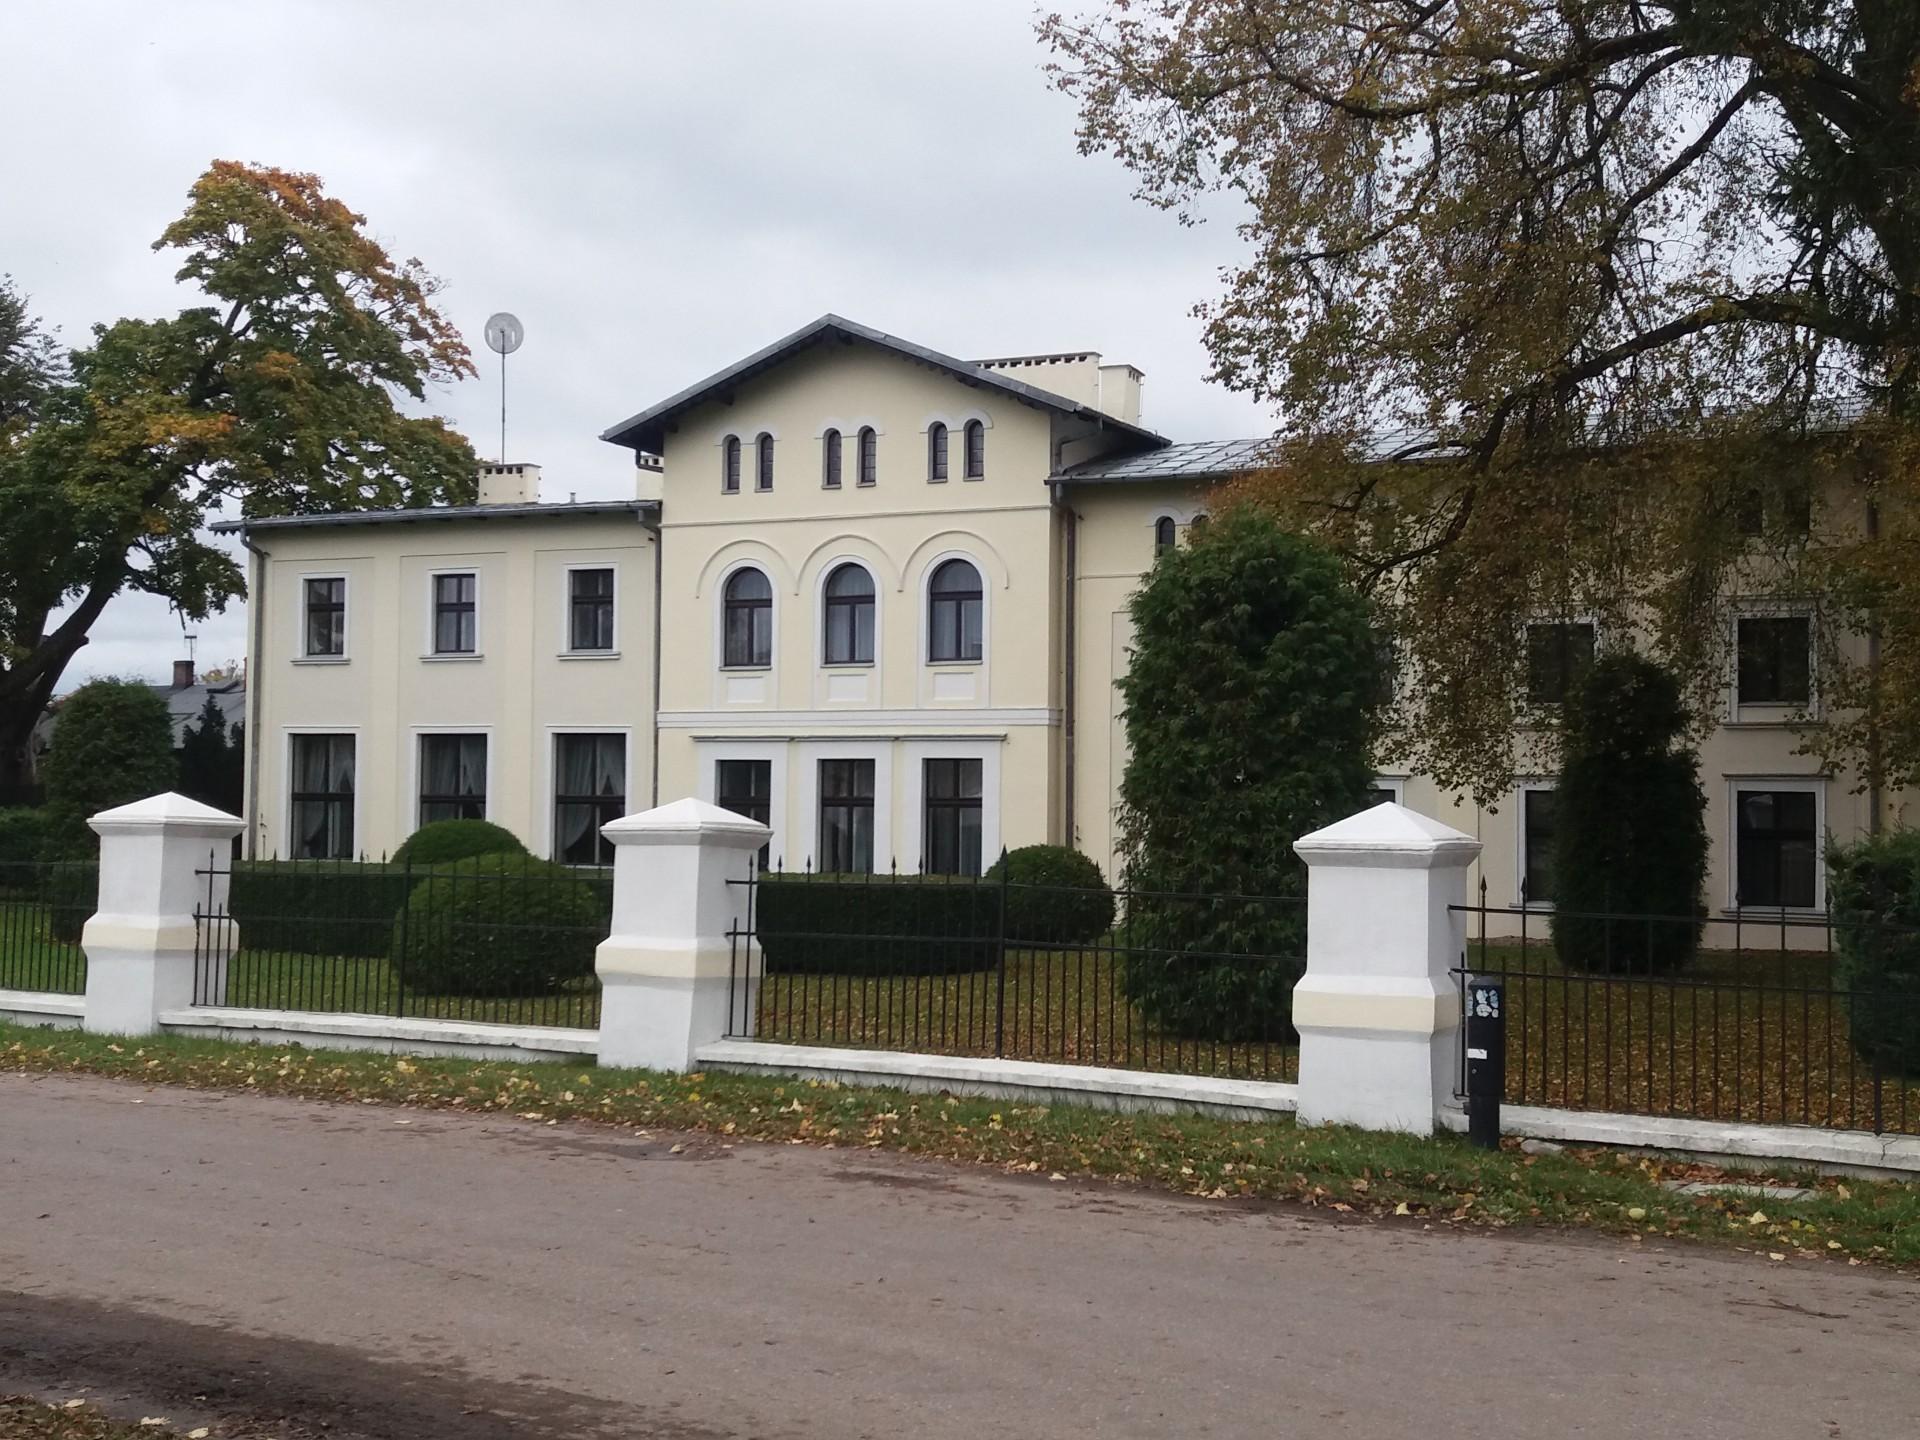 Pałac w Kłaninie. Fot. Zuzanna Musik/Magazyn Kaszuby